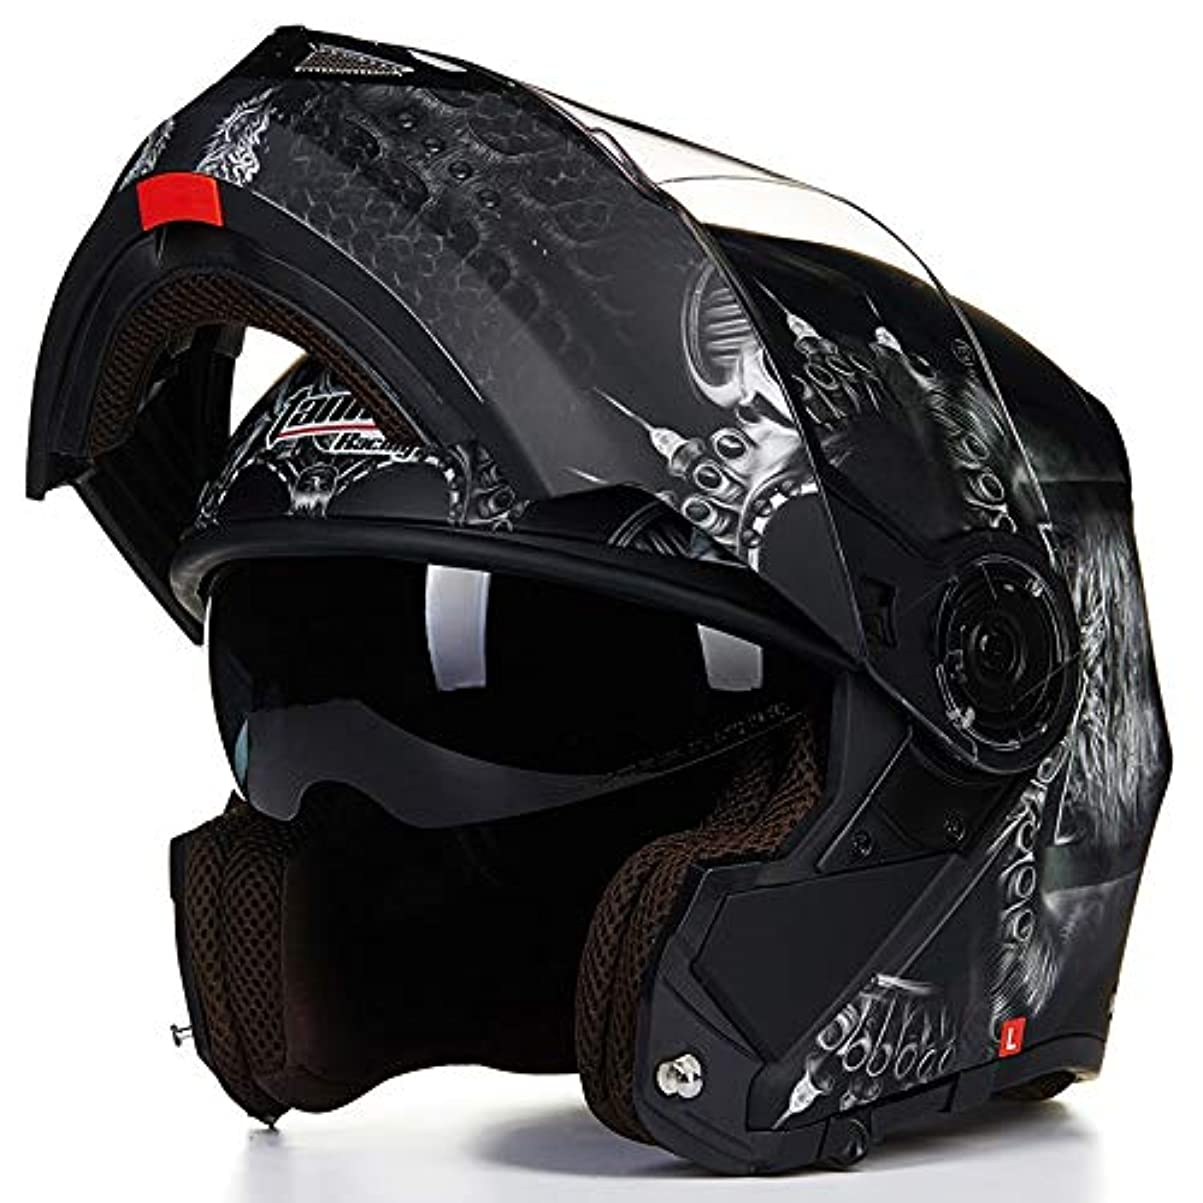 うっかり作業件名HYH ダムブラックオートバイフルフェイスヘルメットメンズダブルレンズオープンフェイスヘルメットフルカバー機関車オフロードヘルメット四季ユニバーサルグレーゴーストパターン いい人生 (Size : M)